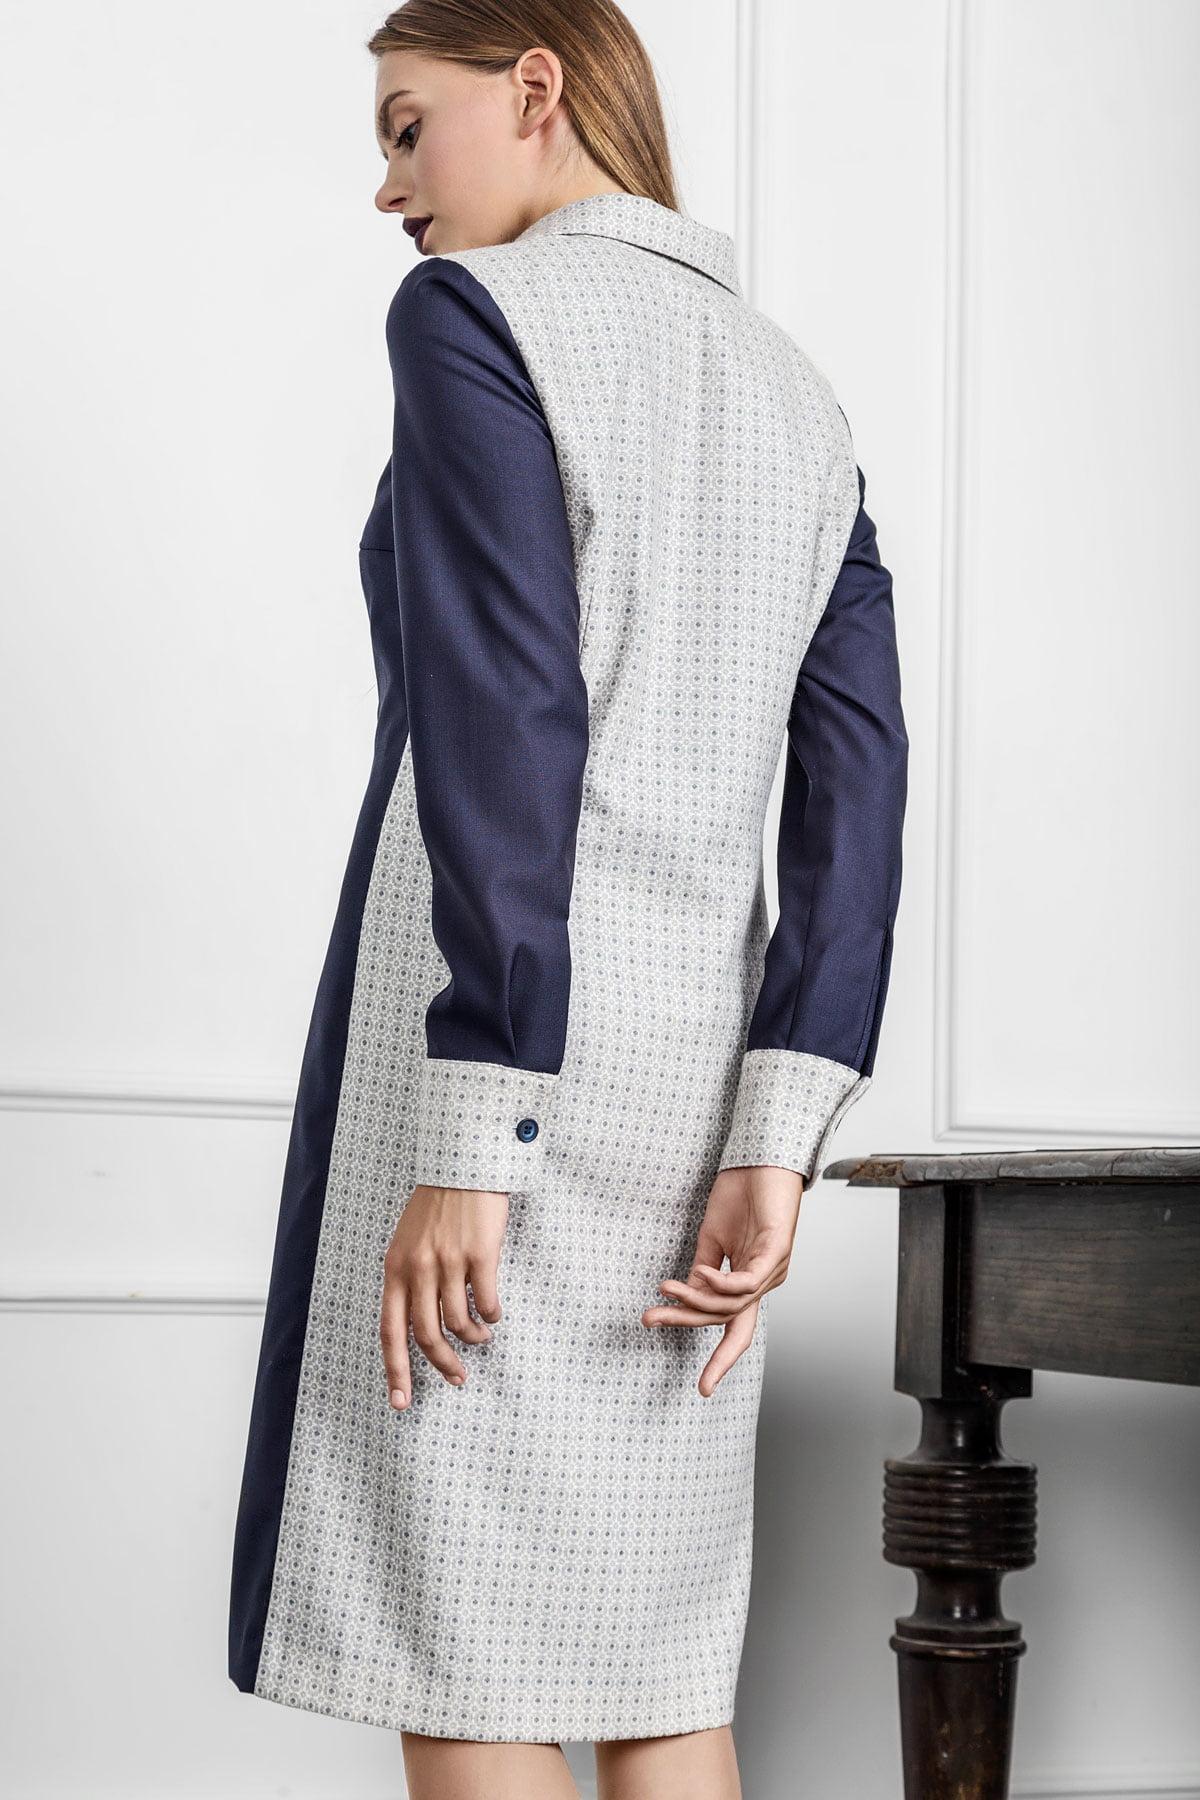 Klasikinės suknelės marškinių ilgis ir siluetas tobulai atitinka dalykinio etiketo rekomendacijas